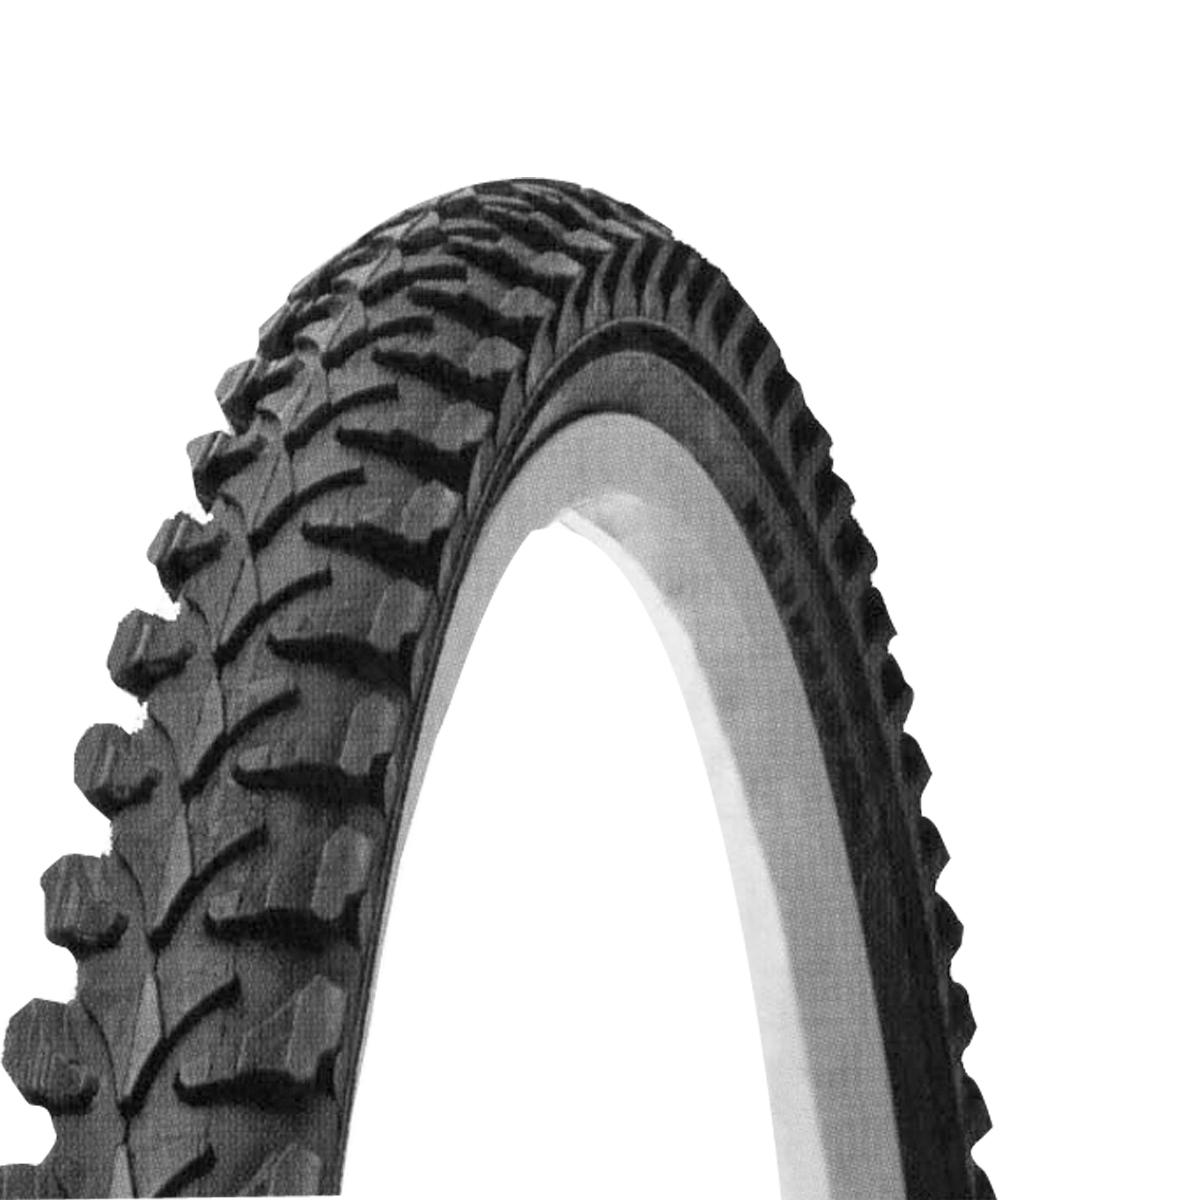 Pneu Deli Tire 26 x 1.95 TR Noir